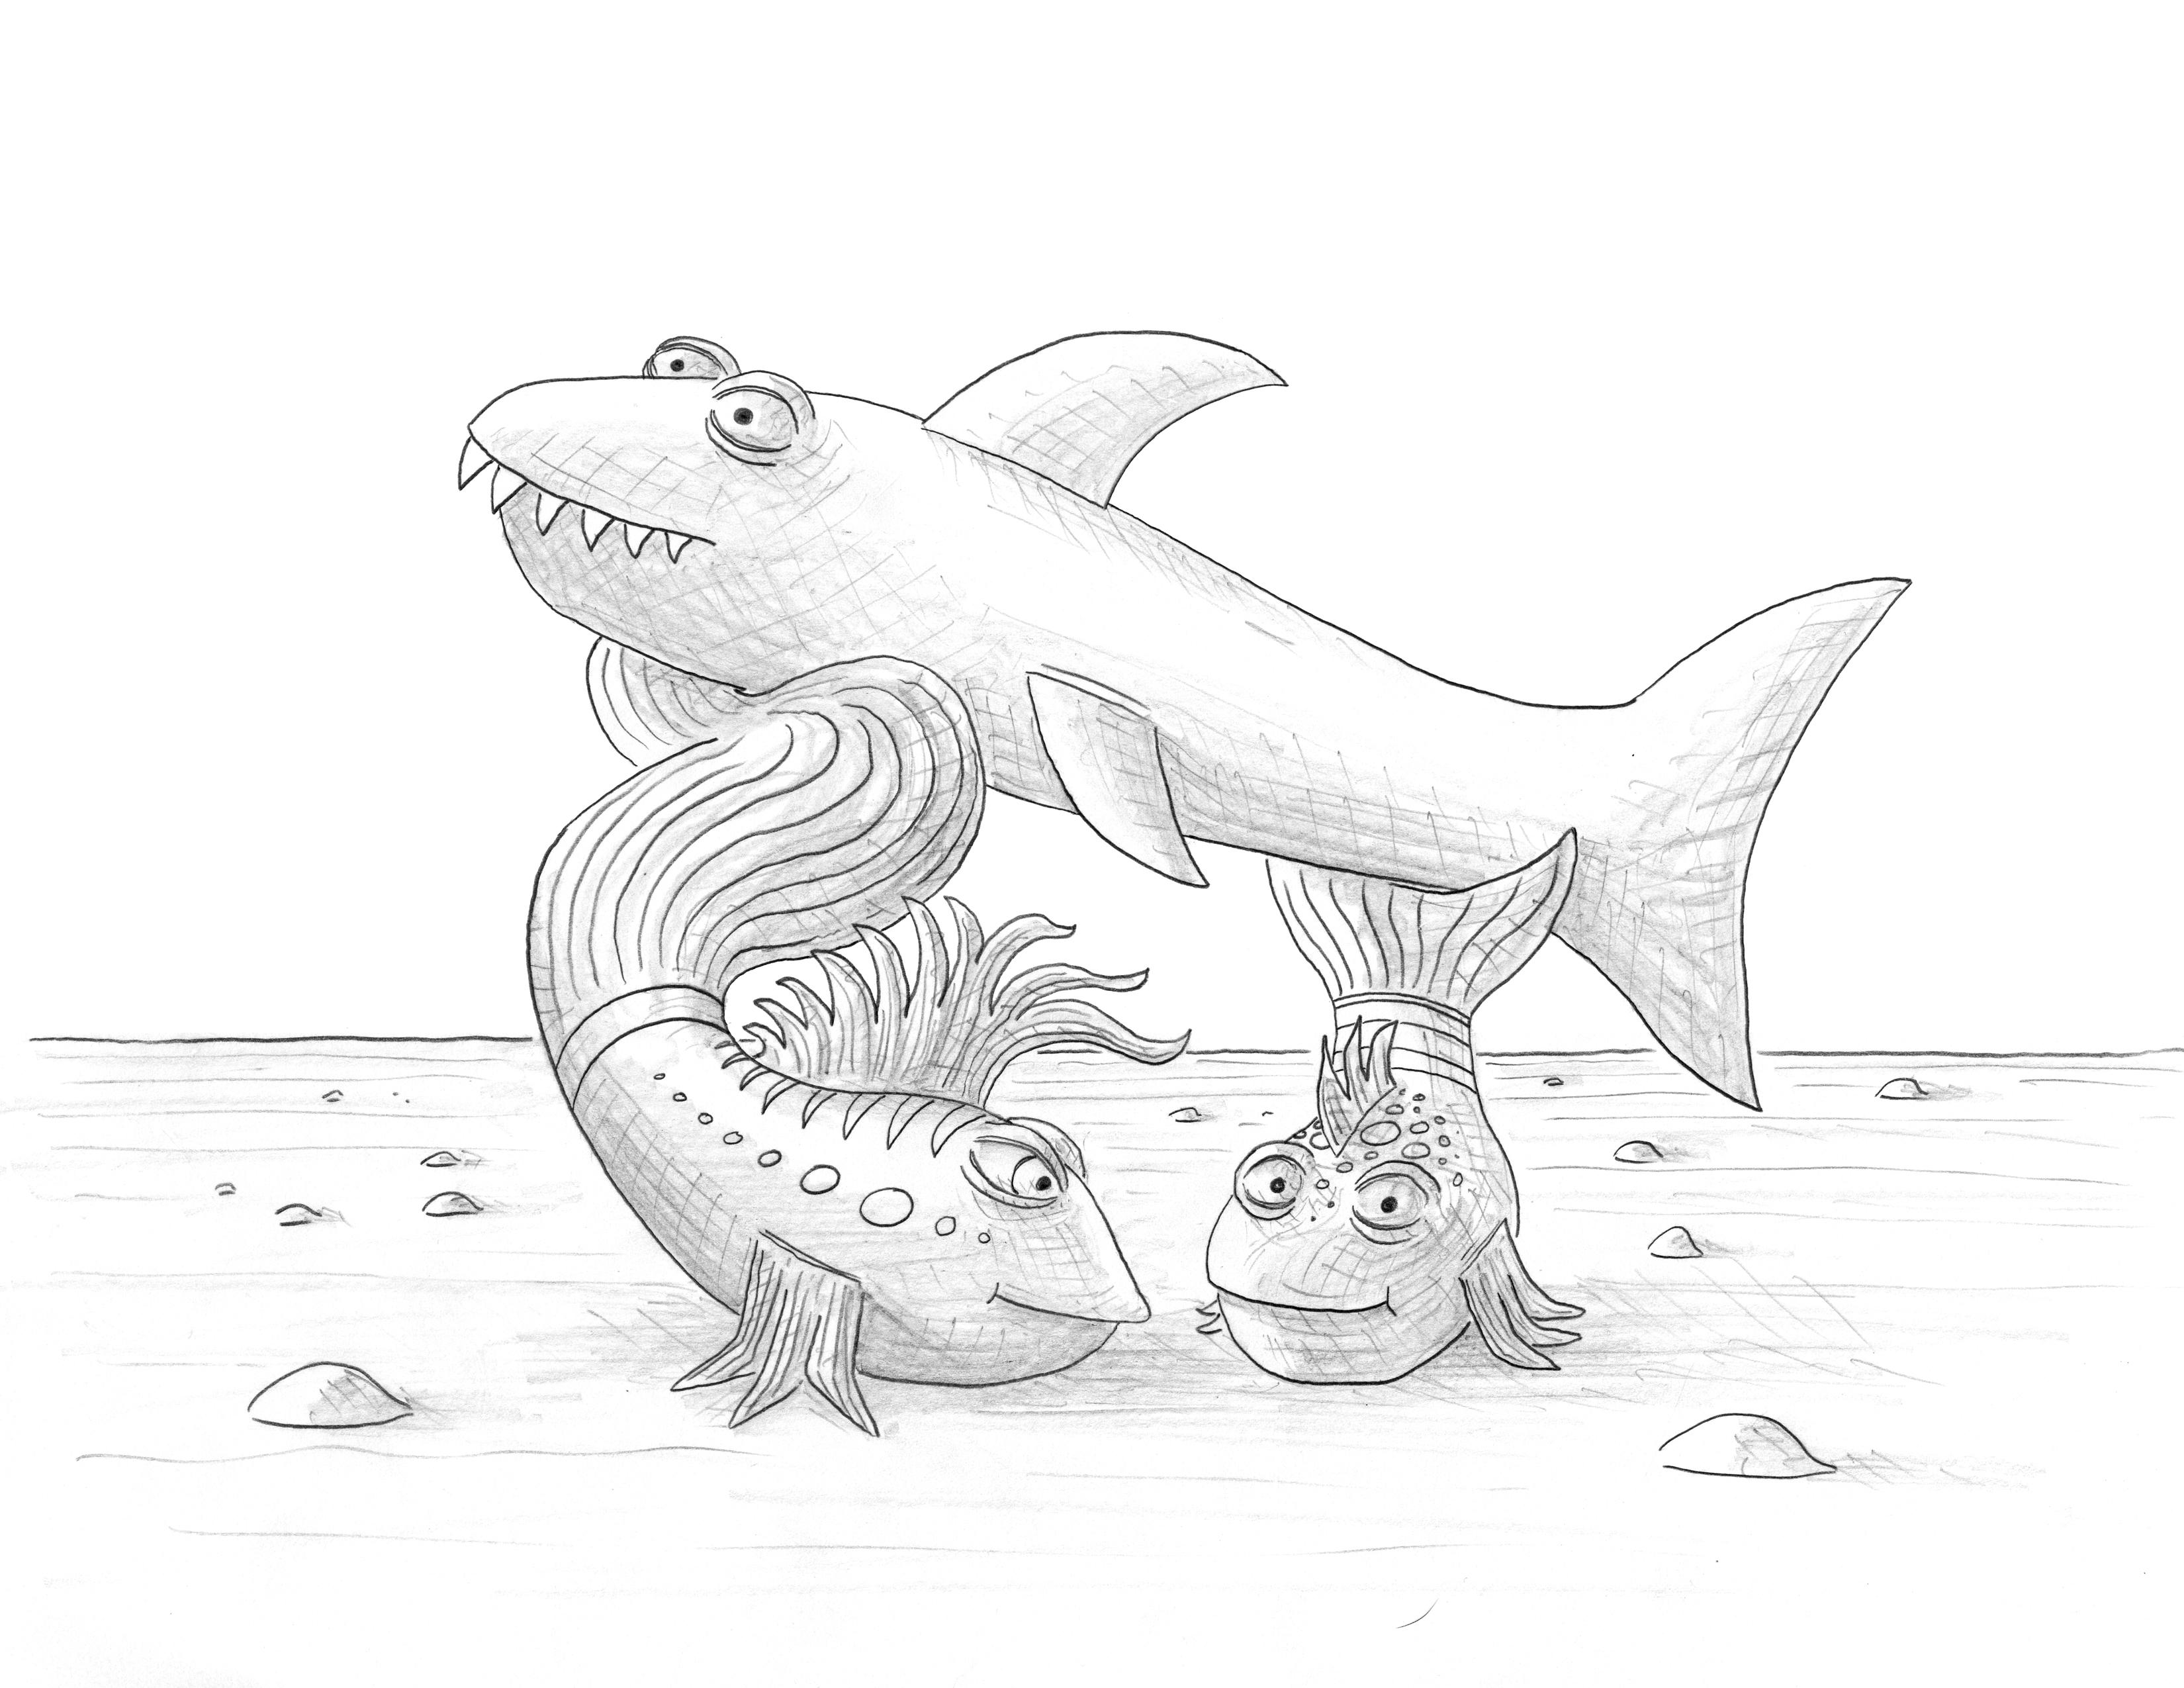 I Pout Pout Fish Coloring Pages Pout Pout Fish Coloring Pages